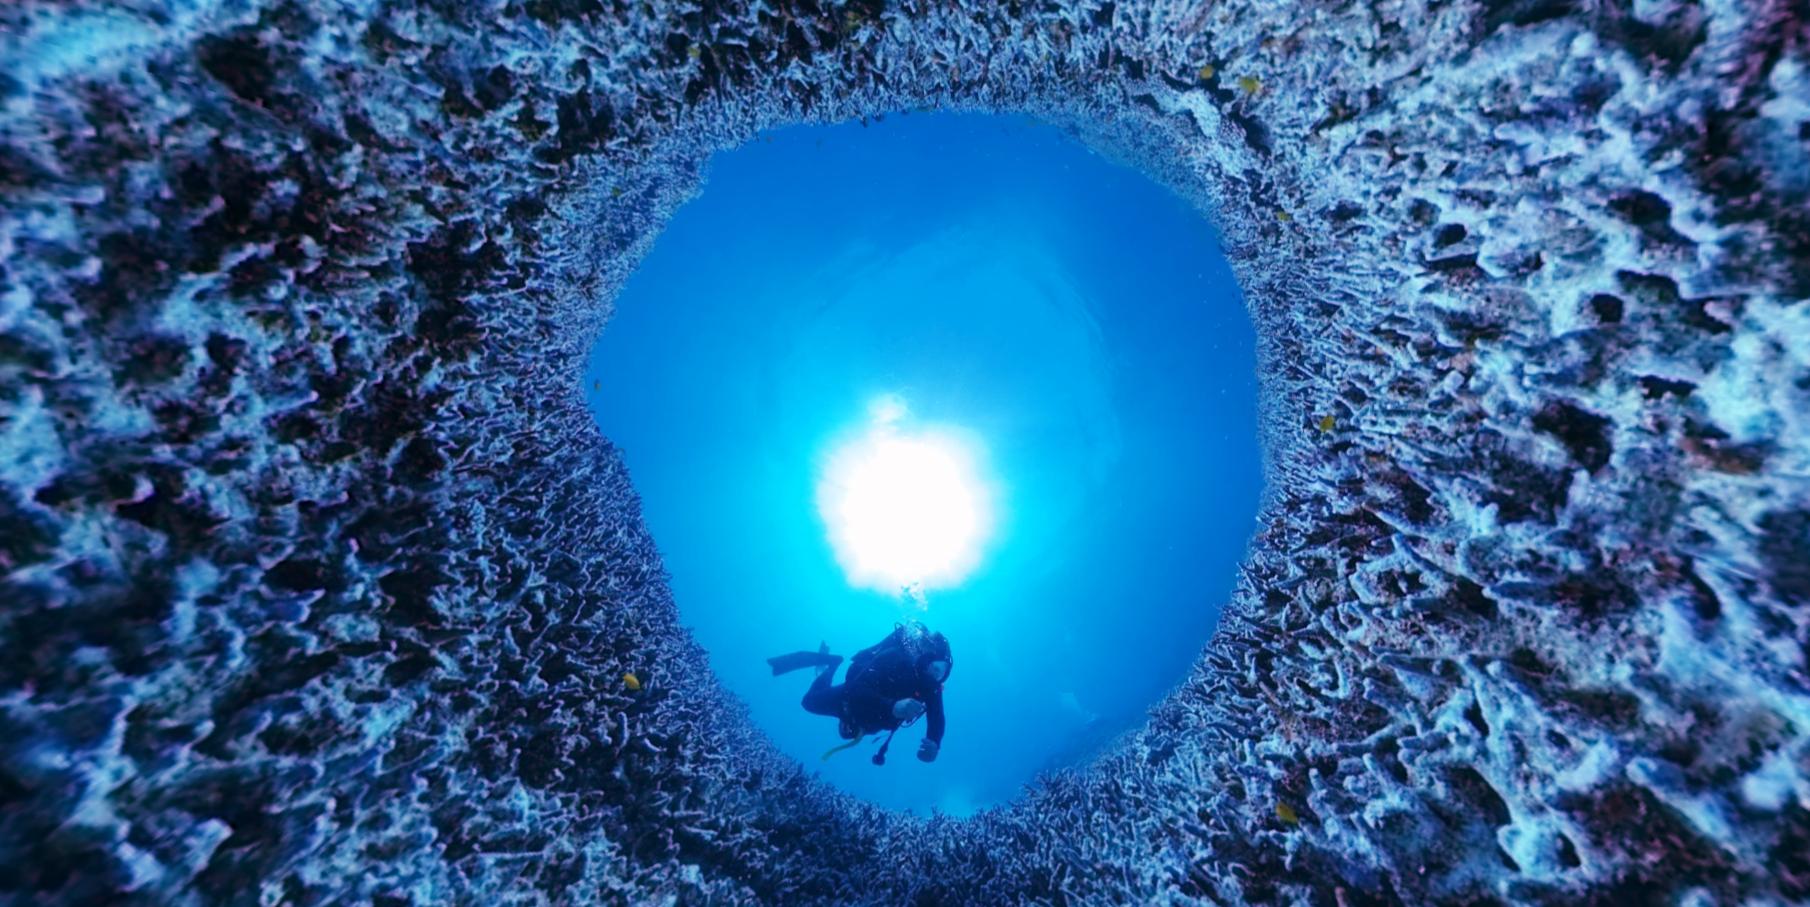 지난달 23일 촬영한 호주 북동부 바다에 있는 세계 최대 산호초 '그레이트배리어리프'. 백화 현상을 앓아 색을 잃은 산호를 360도 VR카메라에 담았다. 사진 리처드 피츠패트릭